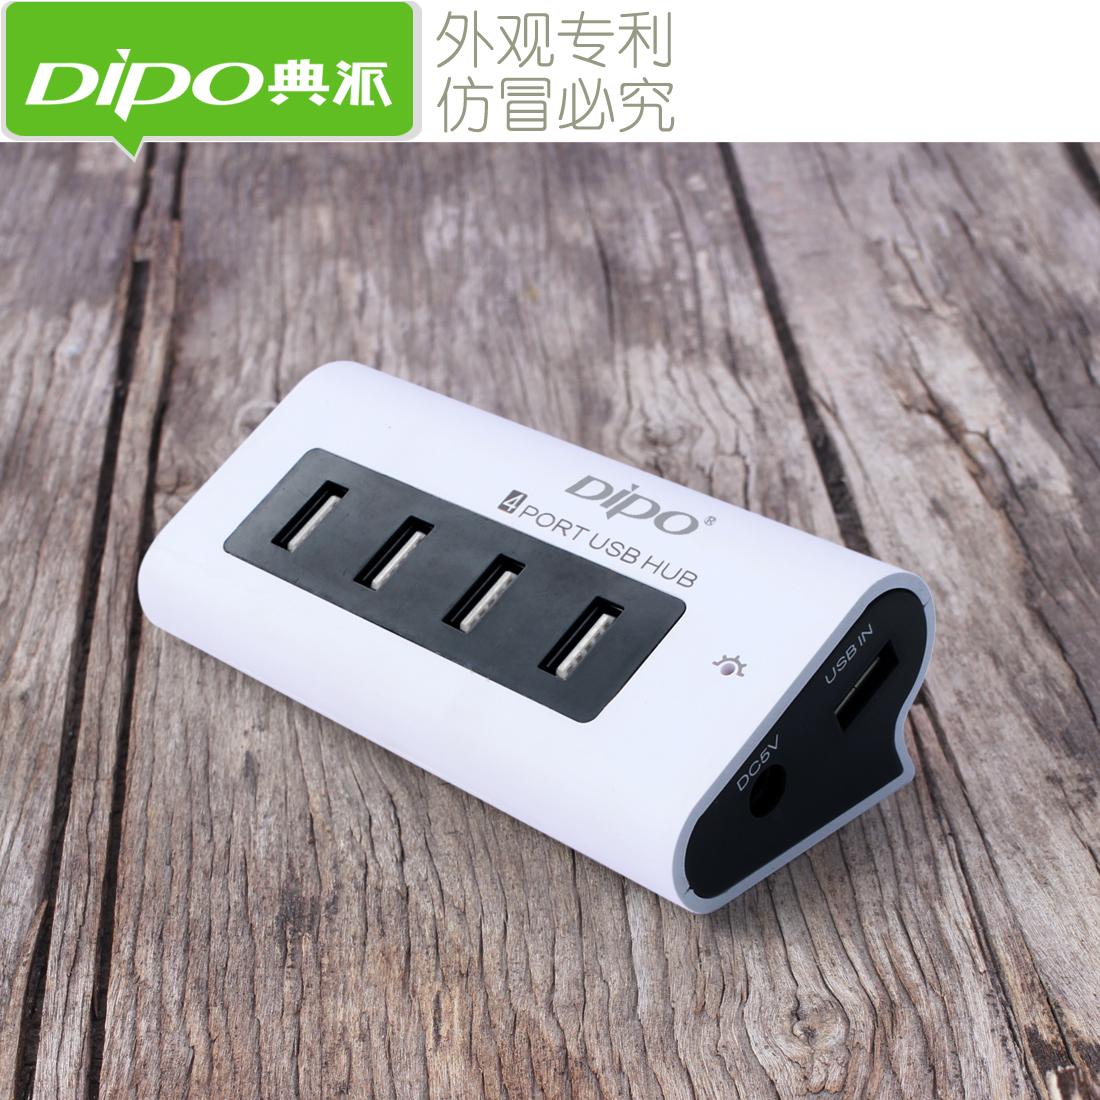 Bộ chia USB đa máy tính Bộ chia đa giao diện 4 cổng máy tính xách tay 4 cổng tốc độ cao mở rộng trung tâm 2.0 một kéo bốn trung tâm - USB Aaccessories